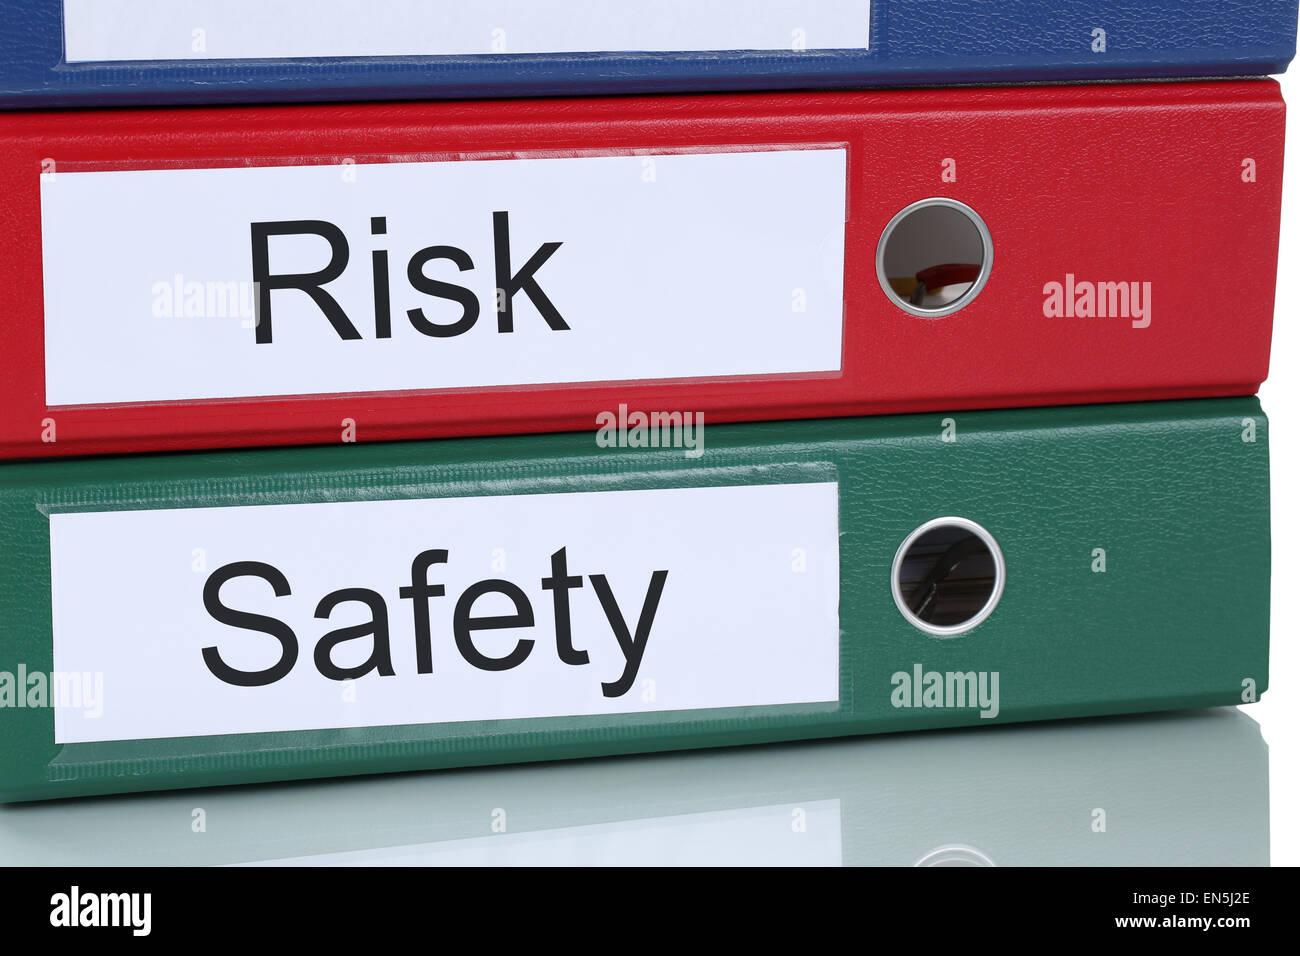 Risiko und Sicherheit Management Analyse Bewertung in Unternehmen-Business-Konzept Stockbild